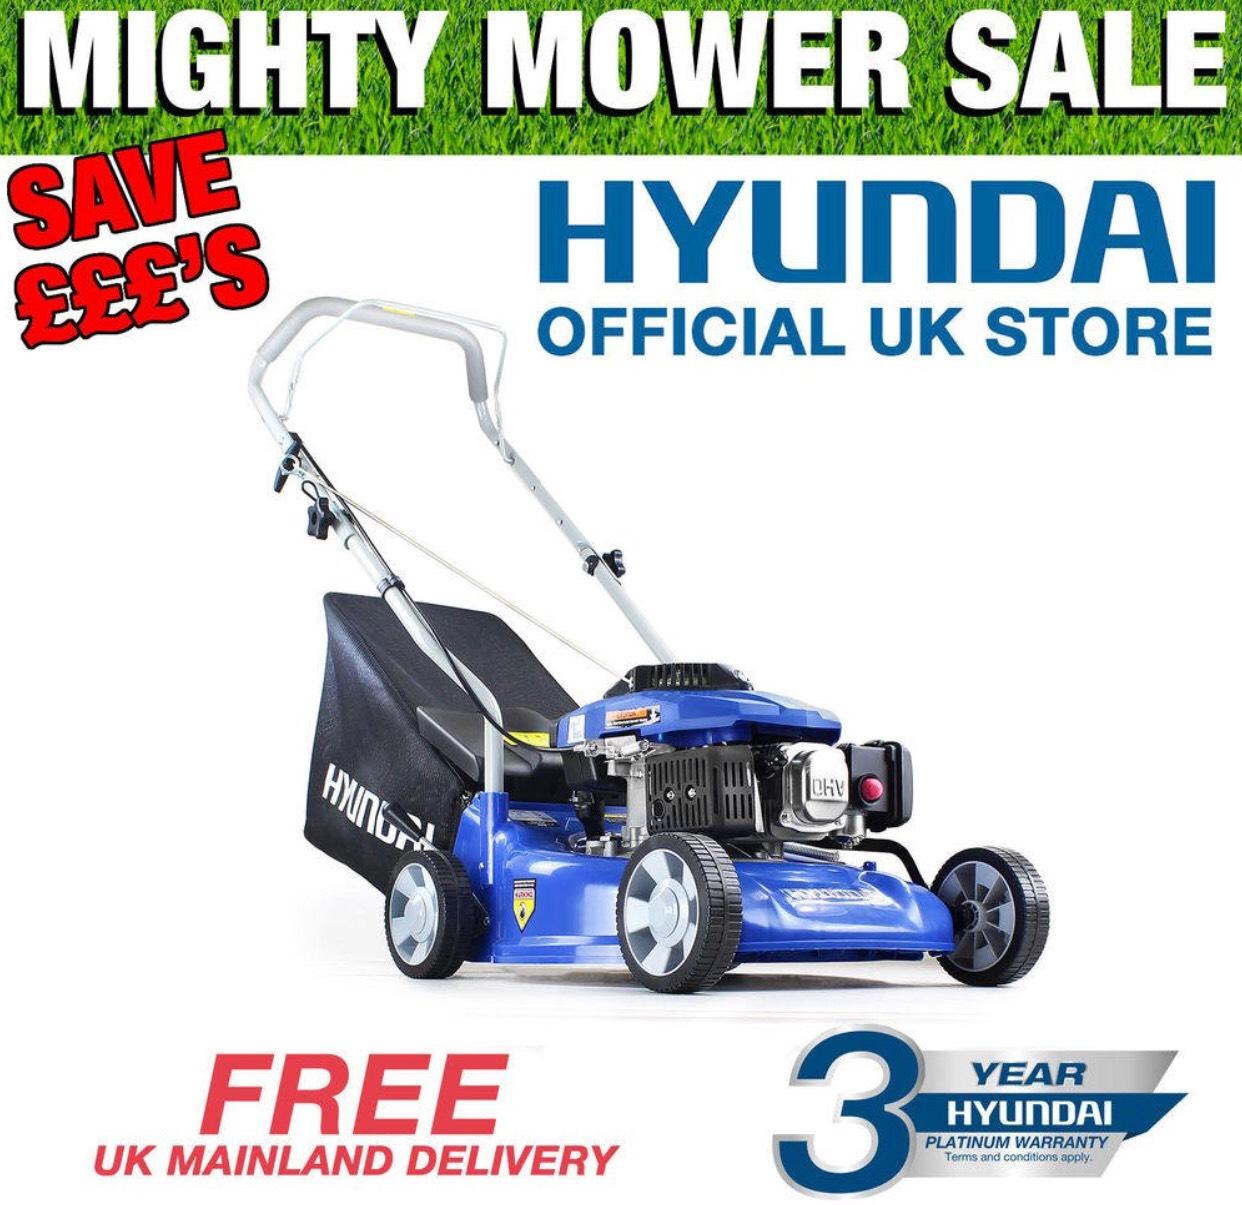 """Hyundai Petrol Push Lawnmower 40cm 16"""" inch Cut  £101.25 del @ hyundaipowerequipmentdirect / eBay w/code POOL10 from Germany ebay (see post) - STARTS TOMORROW"""